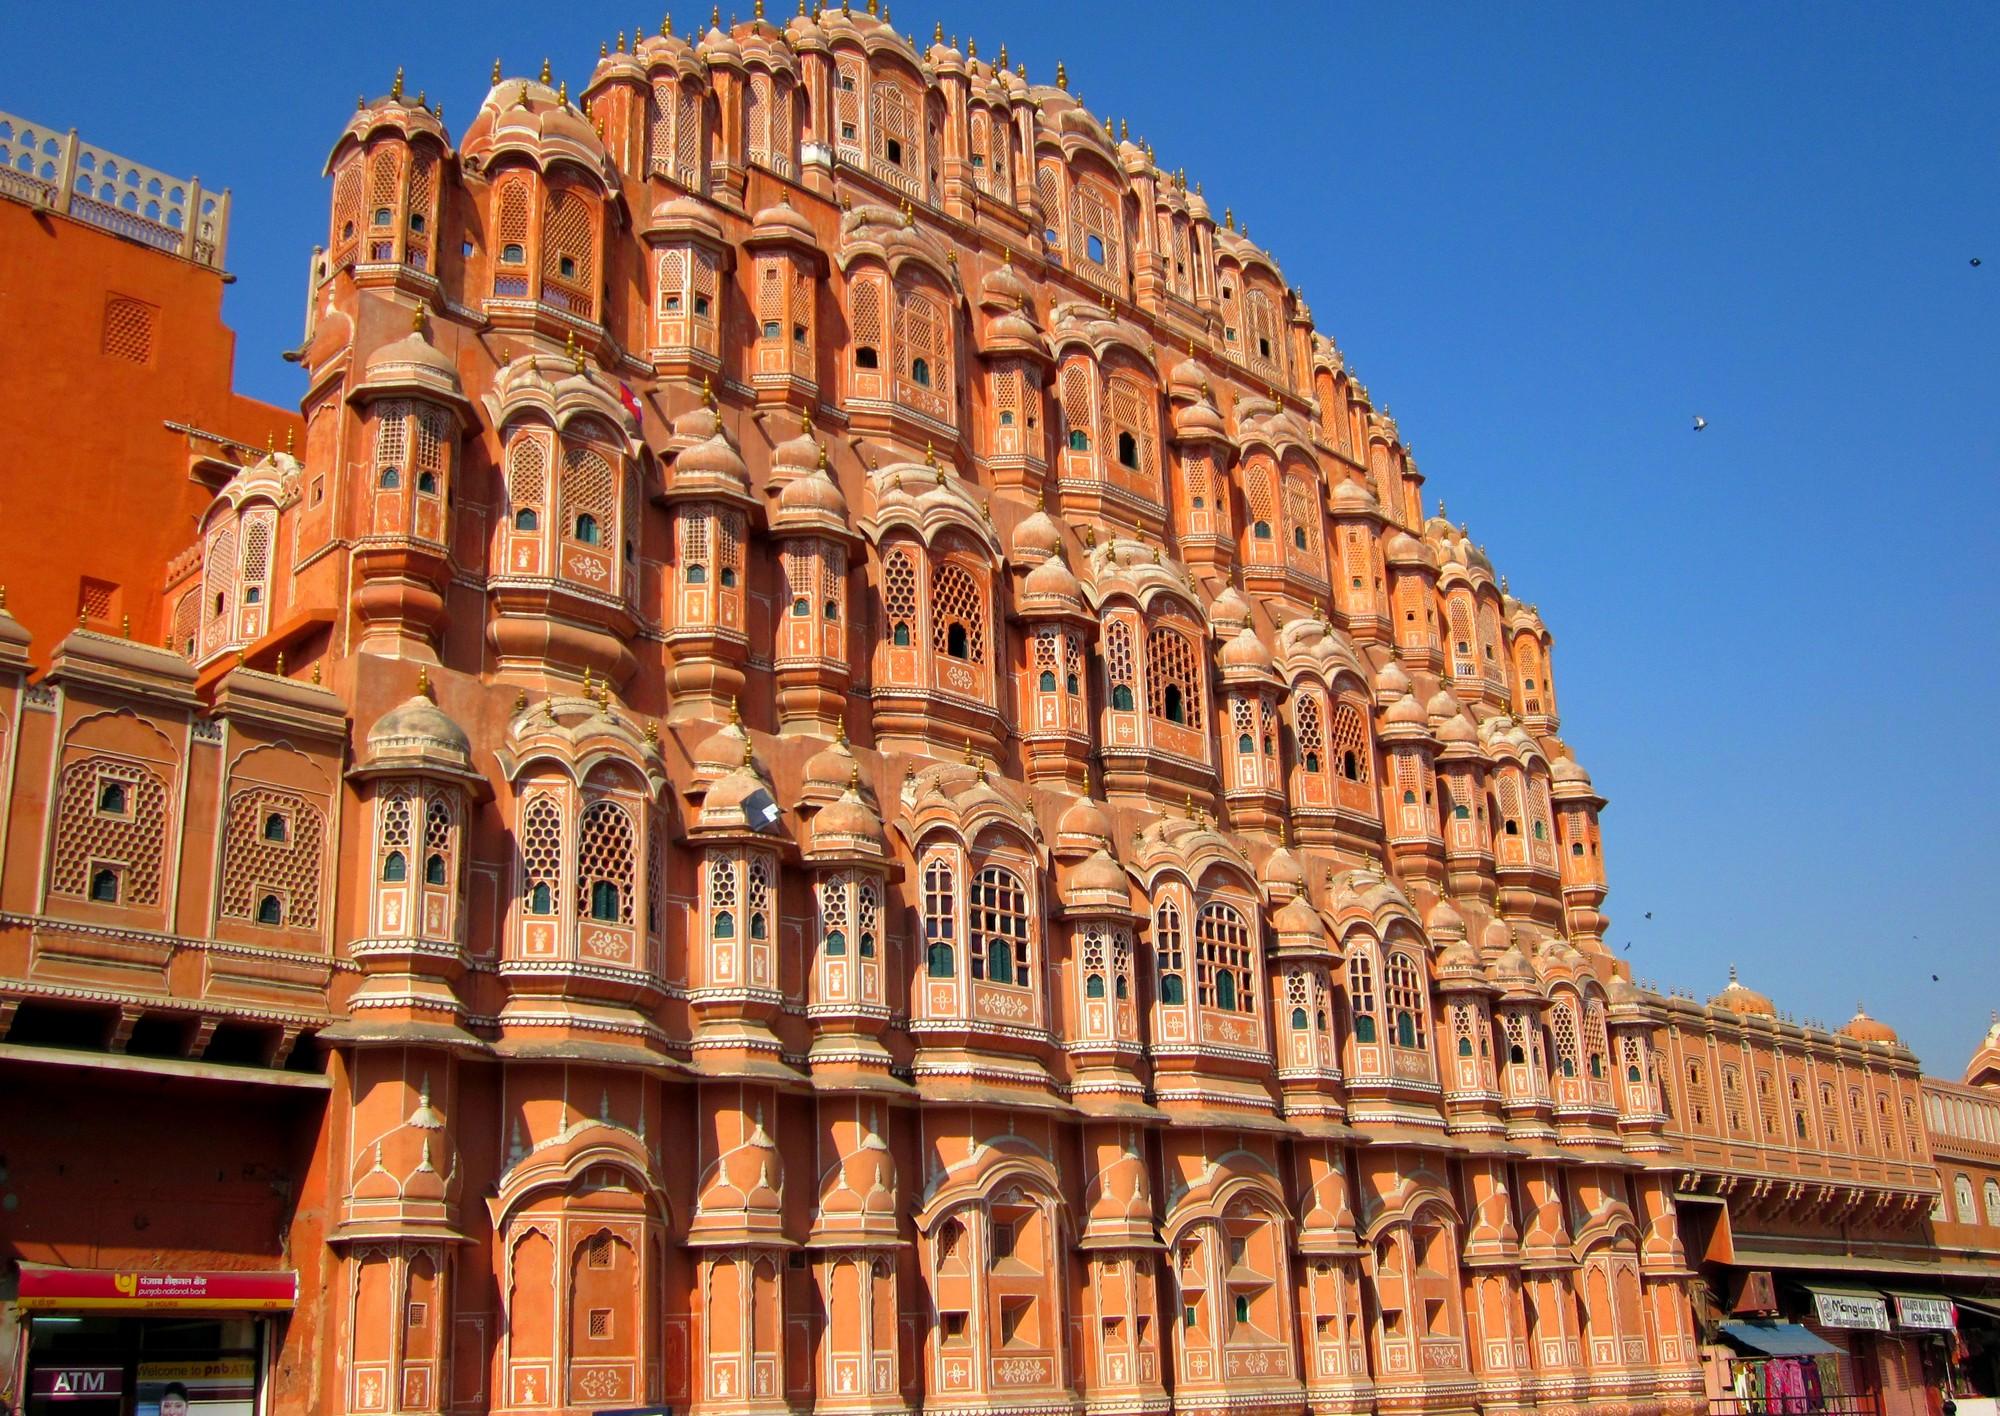 Виза для Индии в 2020 году: стоимость, список документов